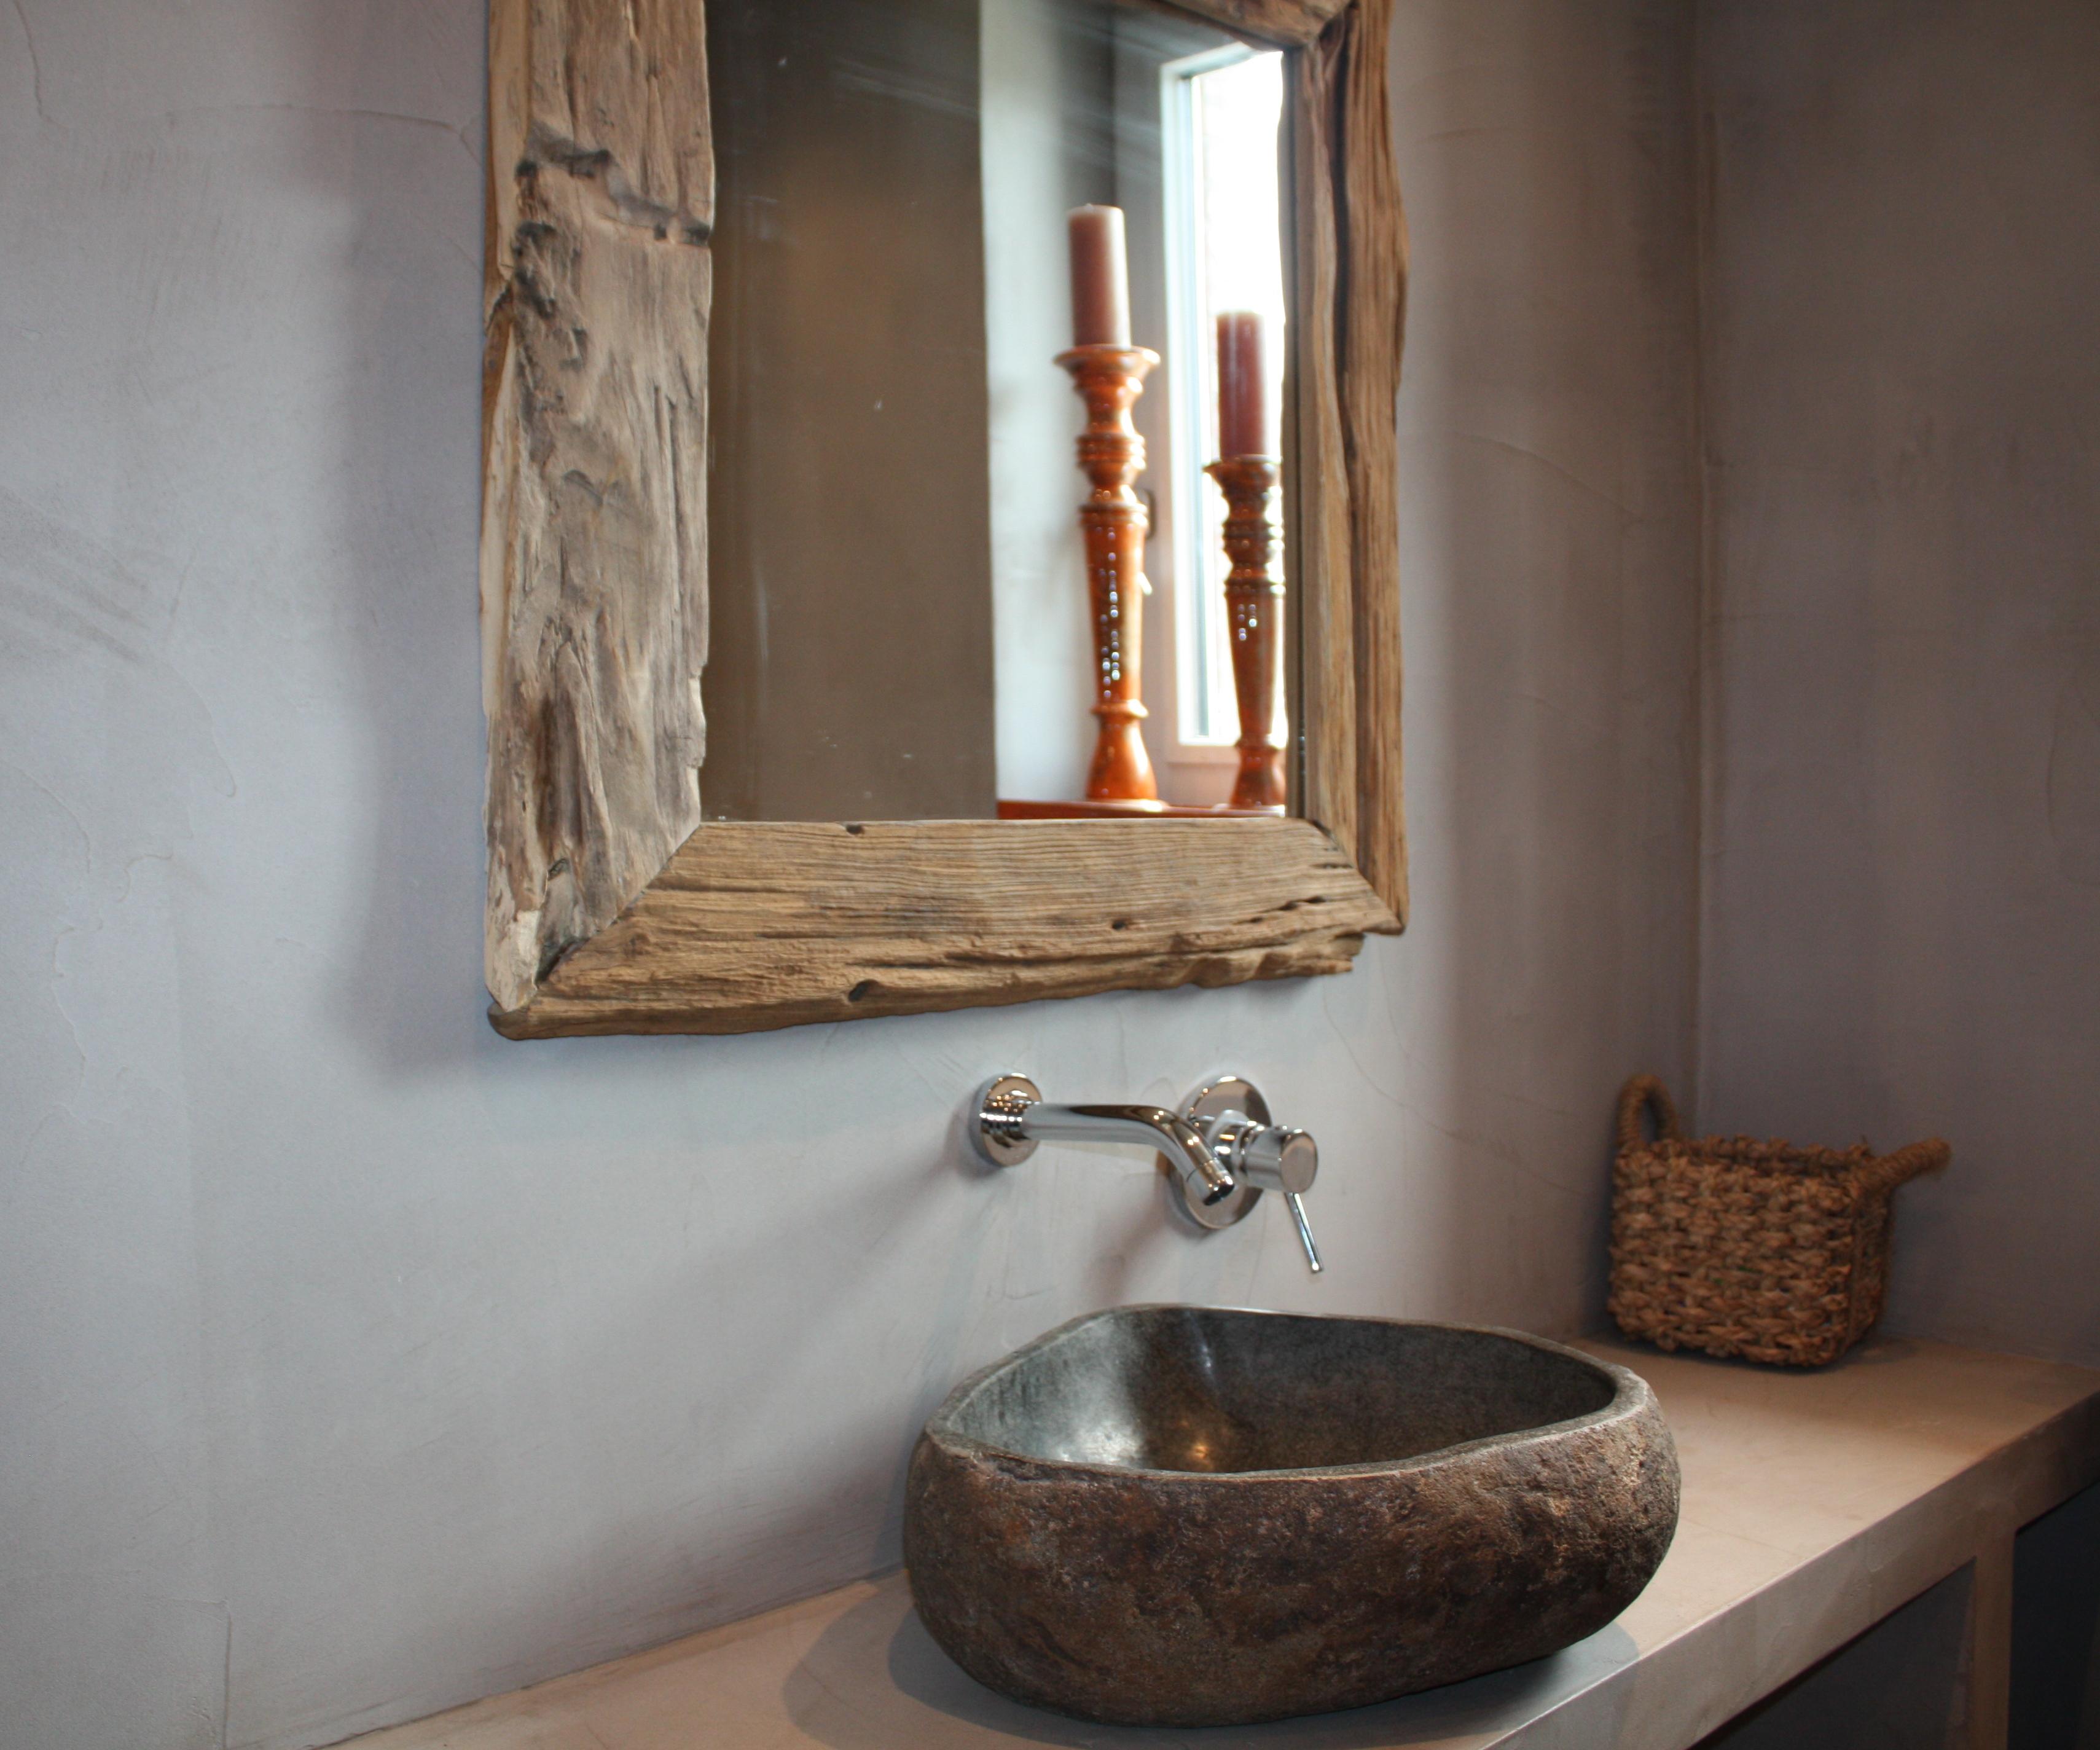 Beton Afwerking Badkamer : Beton in badkamer latest badkamer half beton cire with beton in